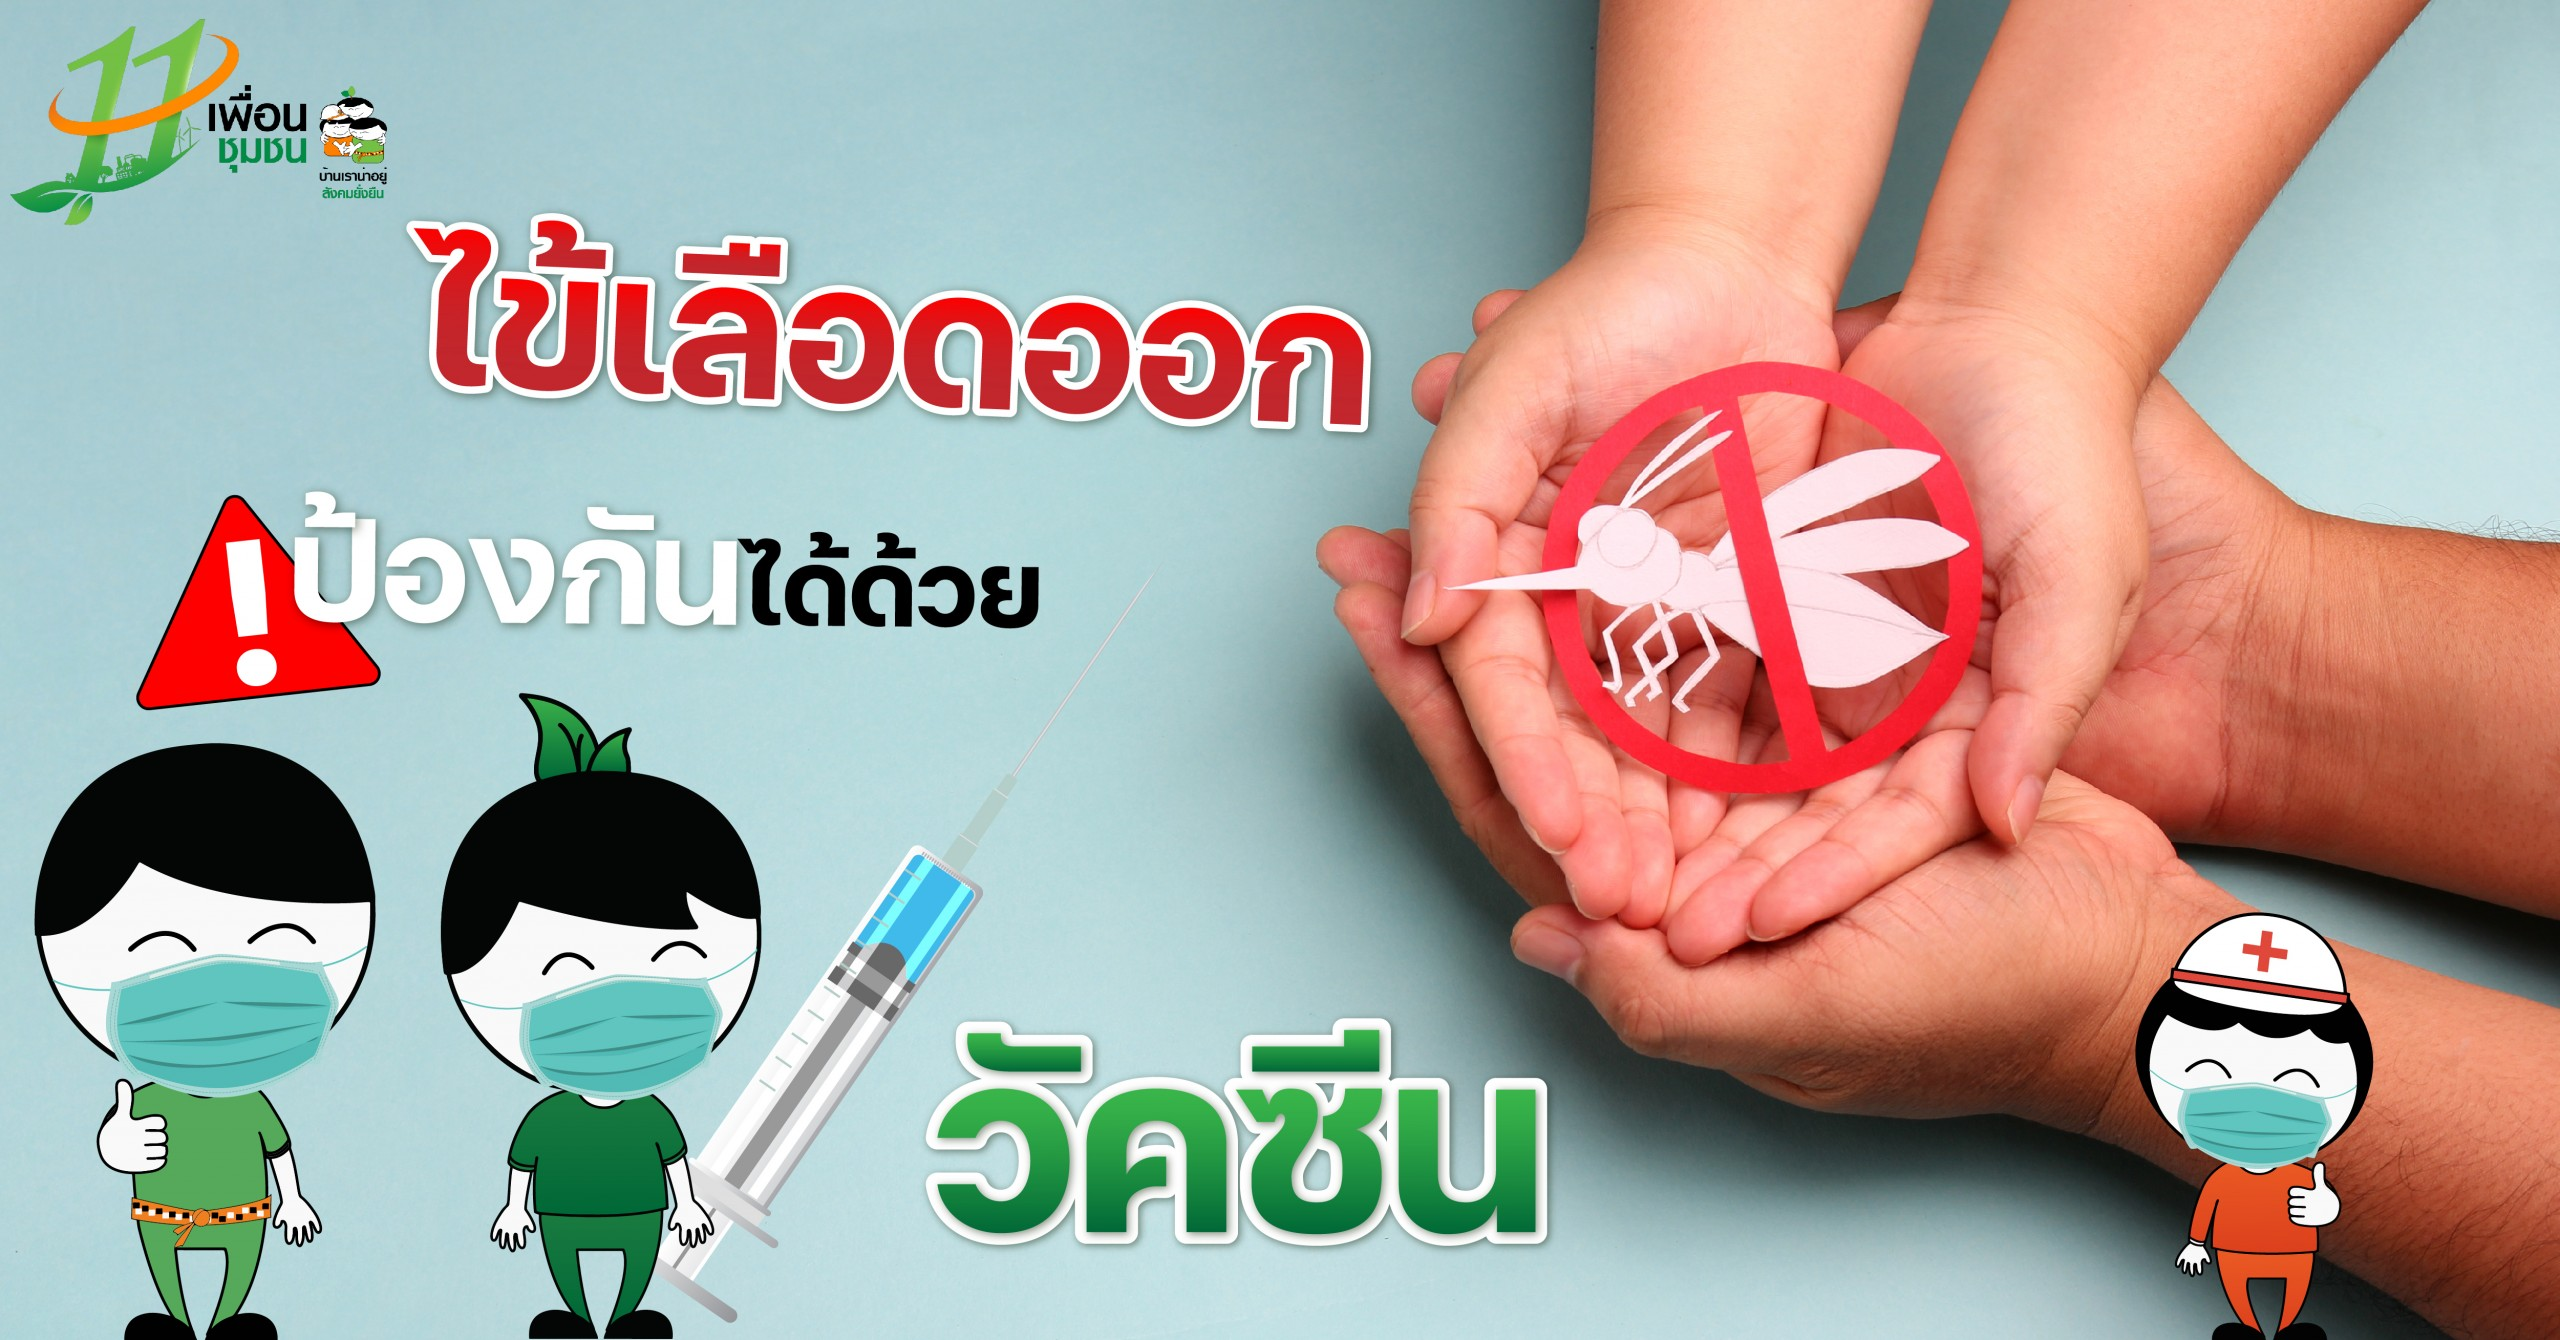 ไข้เลือดออกป้องกันด้วยวัคซีน